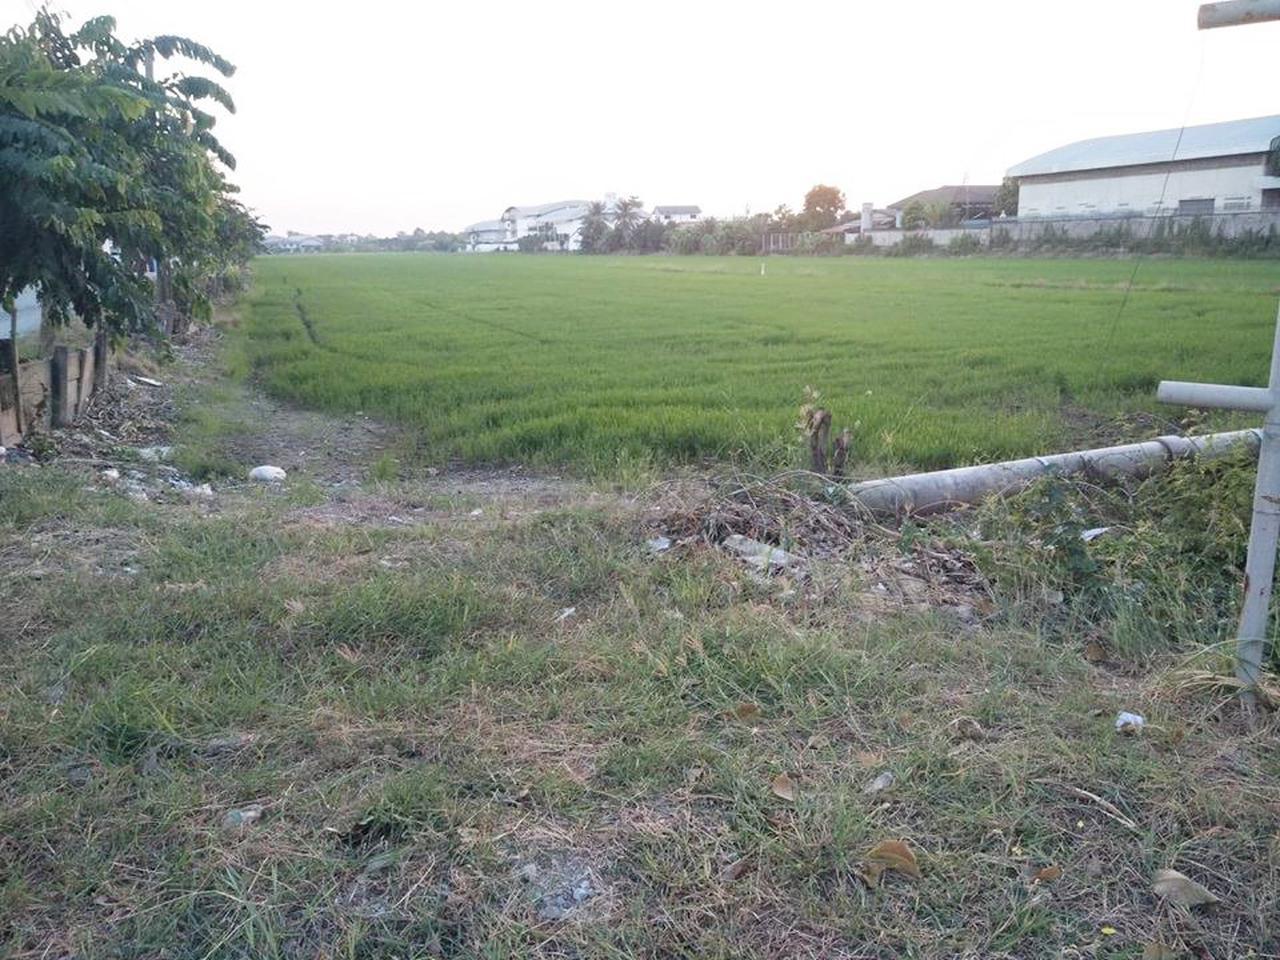 ขายที่ดินไทรน้อย 12 ไร่ เขตบางบัวทอง นนทบุรี ติดถนนบ้านกล้วย-ไทรน้อย เส้น 1013 อยู่ในเขตพื้นที่สีเหลือง เห รูปที่ 6